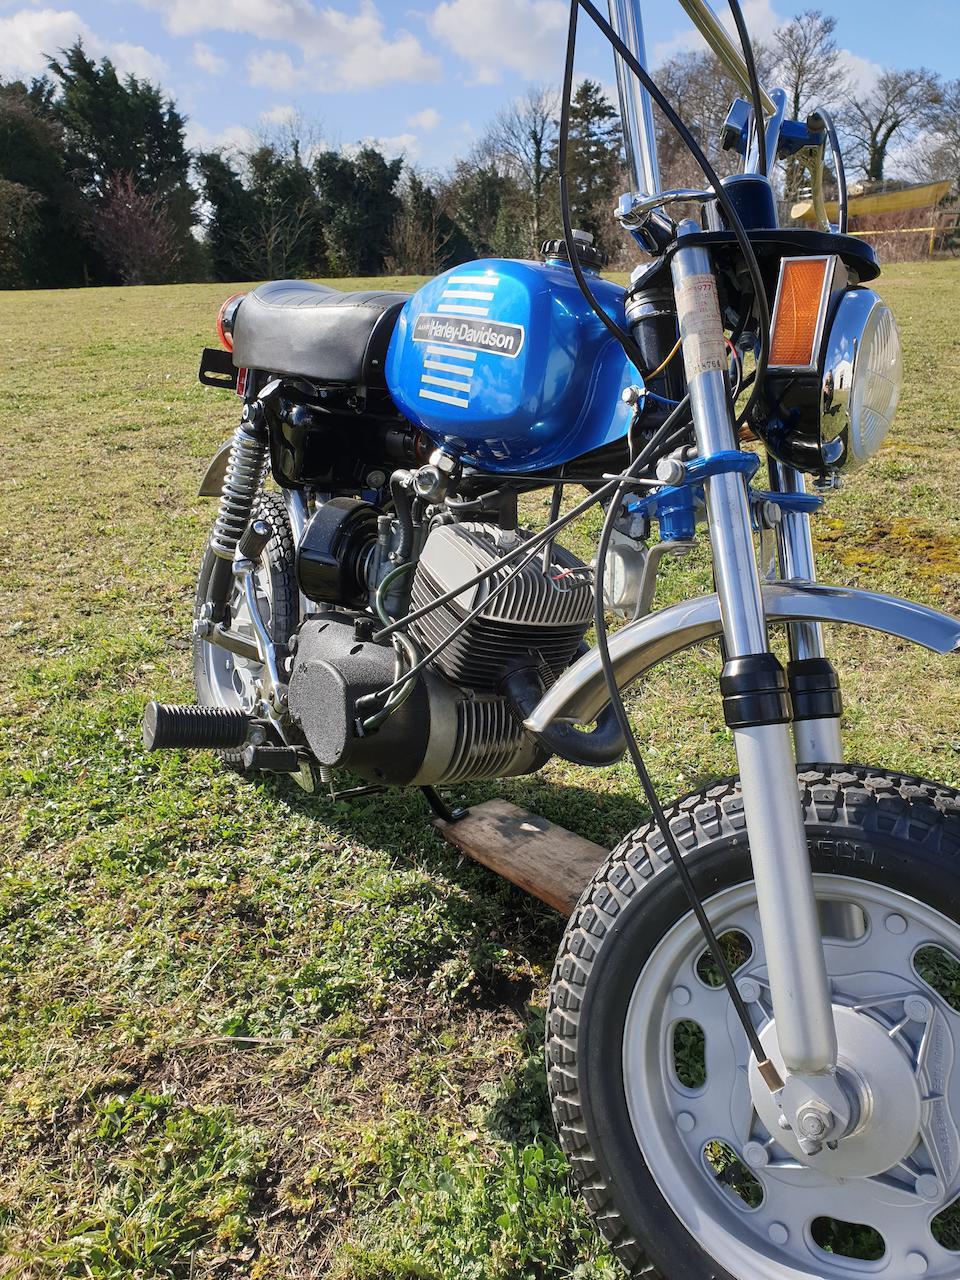 1973 Harley-Davidson X90 Frame no. 2D12463H3 Engine no. 2D12463H3